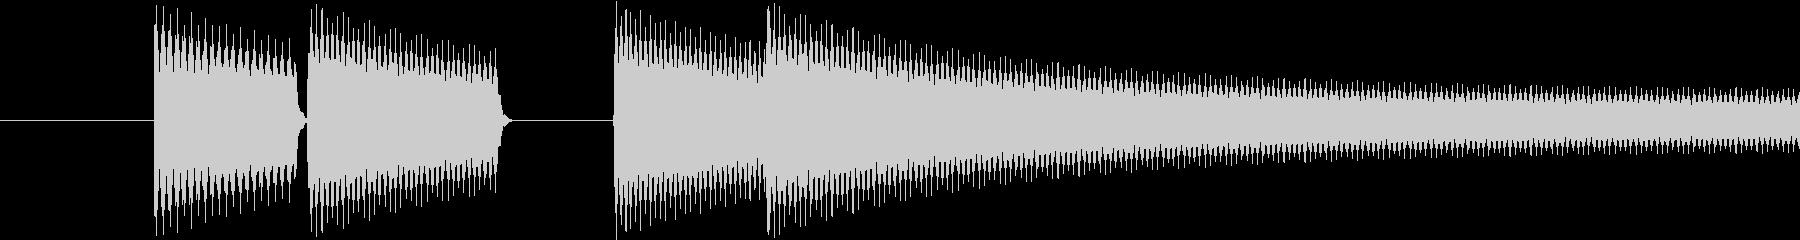 ゲーム(ゲームオーバー)の音の未再生の波形